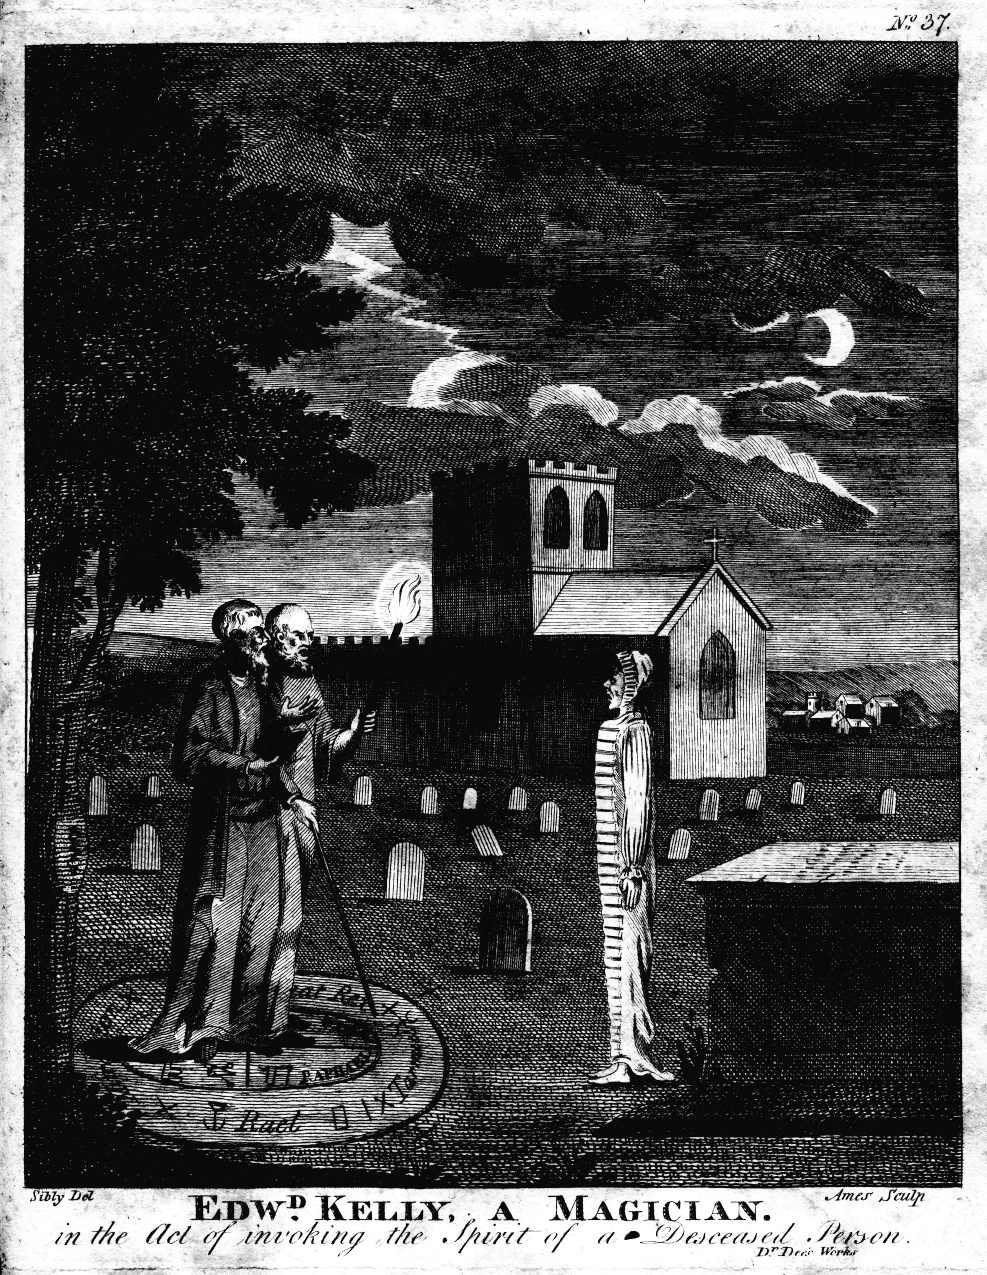 Miten luodaan Ghost.  Onko mahdollista luoda haamu?  Mieti näitä tuttuja tyyppejä haamu kokemuksia: ryhmä nuoria kerääntyi Ouija aluksella saa outoja viestejä henkilöltä & rsquo; s henki, joka väittää kuolleen 40 vuotta ago.A paranormaaleja yhteiskunta tekee séance jossa ne koskettavat haamu, joka kommunikoi vaikka taulukko rappings.The asukkaiden vuosisatainen kotona jatkuvasti nähdä henki nuori lapsi pelaa hallway.What nämä oireet?  Ovatko ne todella haamuja lähti ihmisiä?  Vai ovatko…